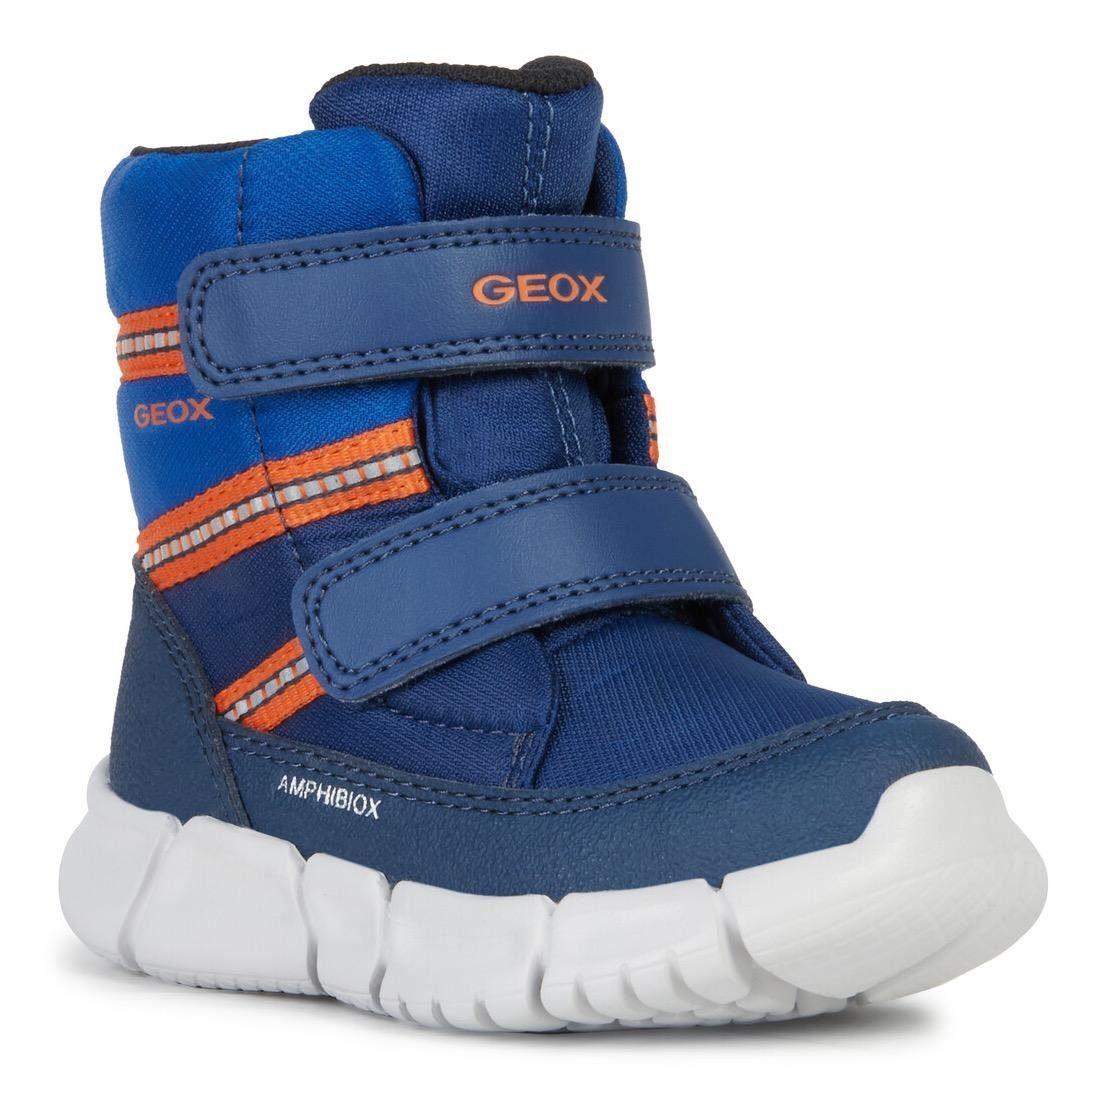 Geox Kids »Flexyper Boy« Lauflernschuh mit komfortabler TEX Ausstattung online kaufen   OTTO p36XD